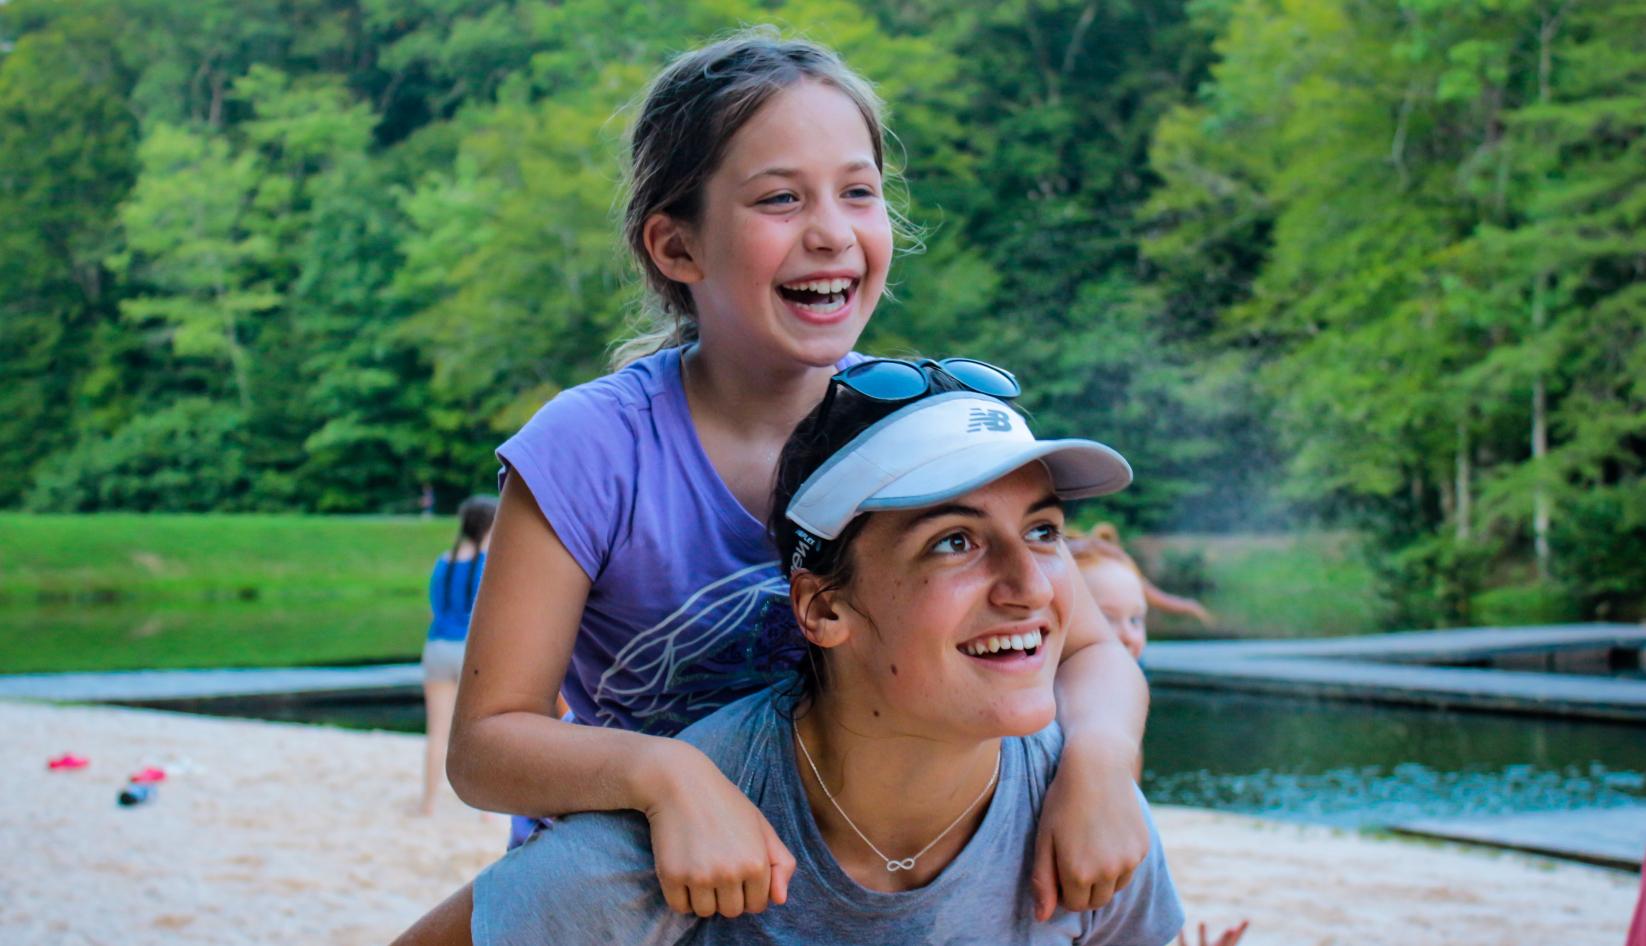 Summer camp teen counselor